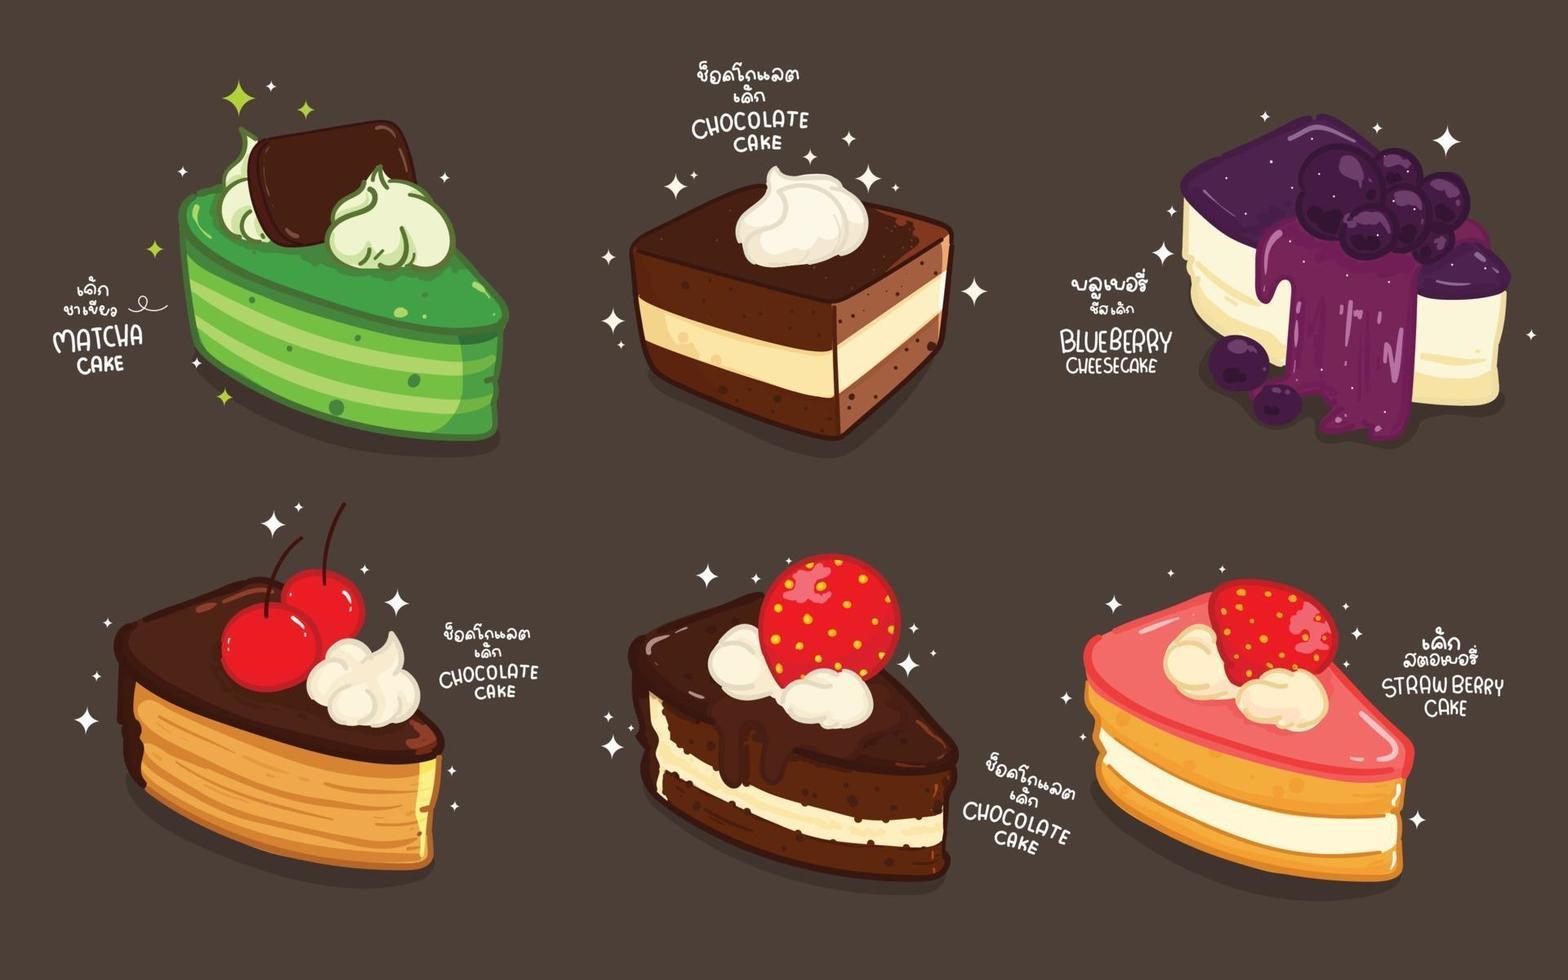 desenho de bolo desenhado à mão estilo ilustração vetor